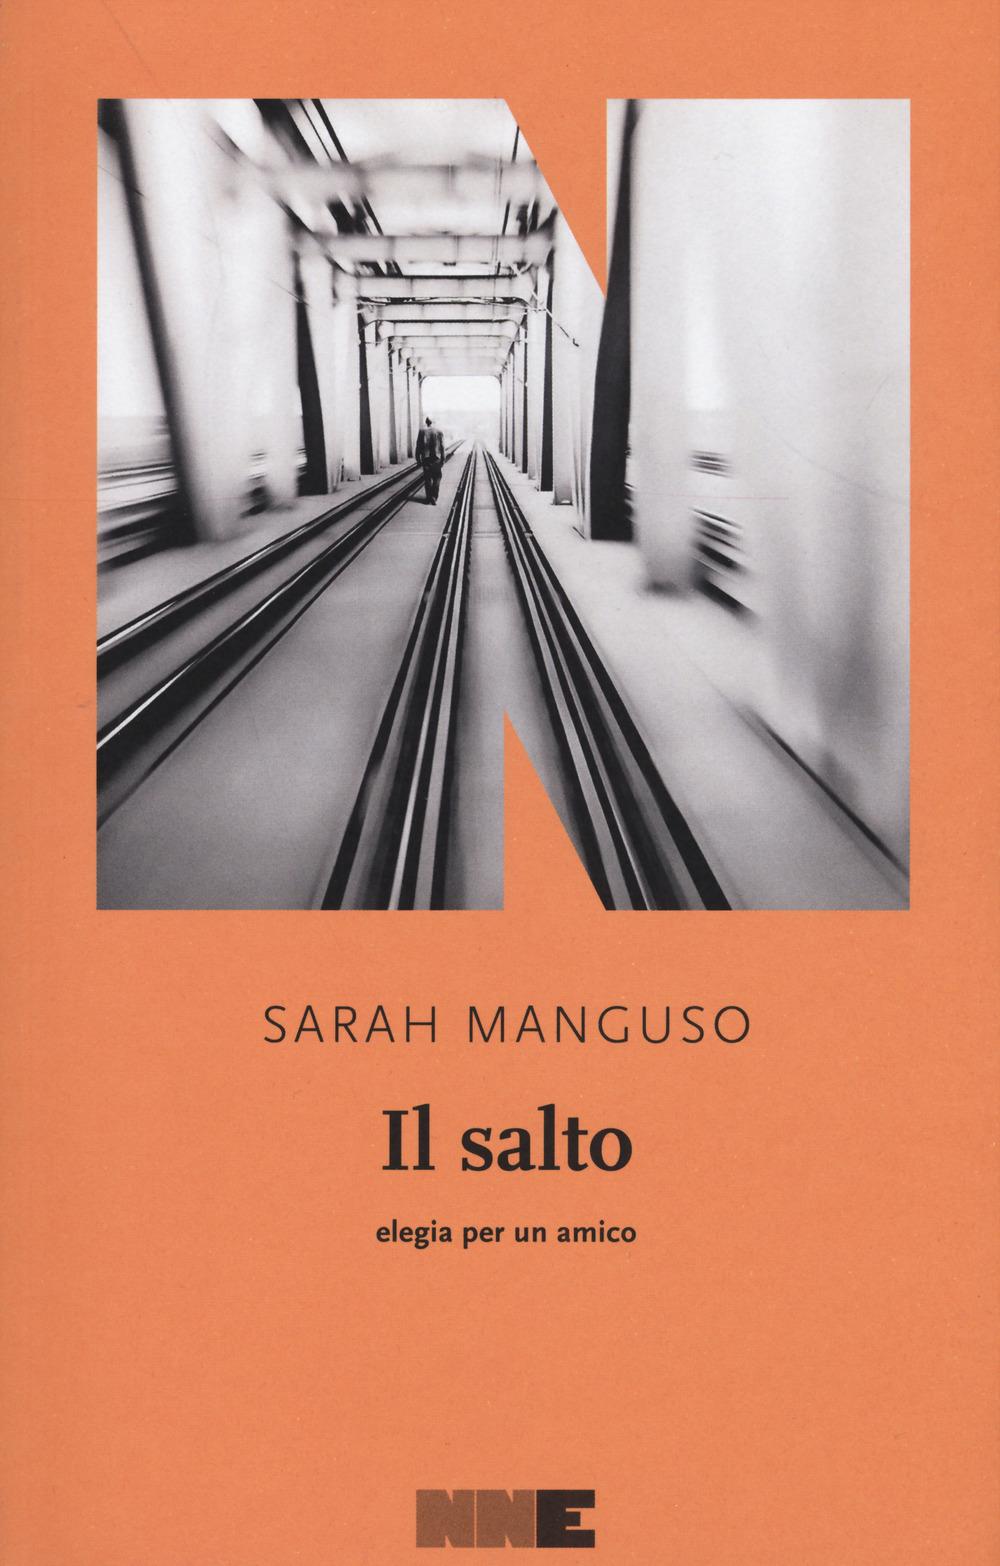 Il salto. Elegia per un amico – Sarah Manguso